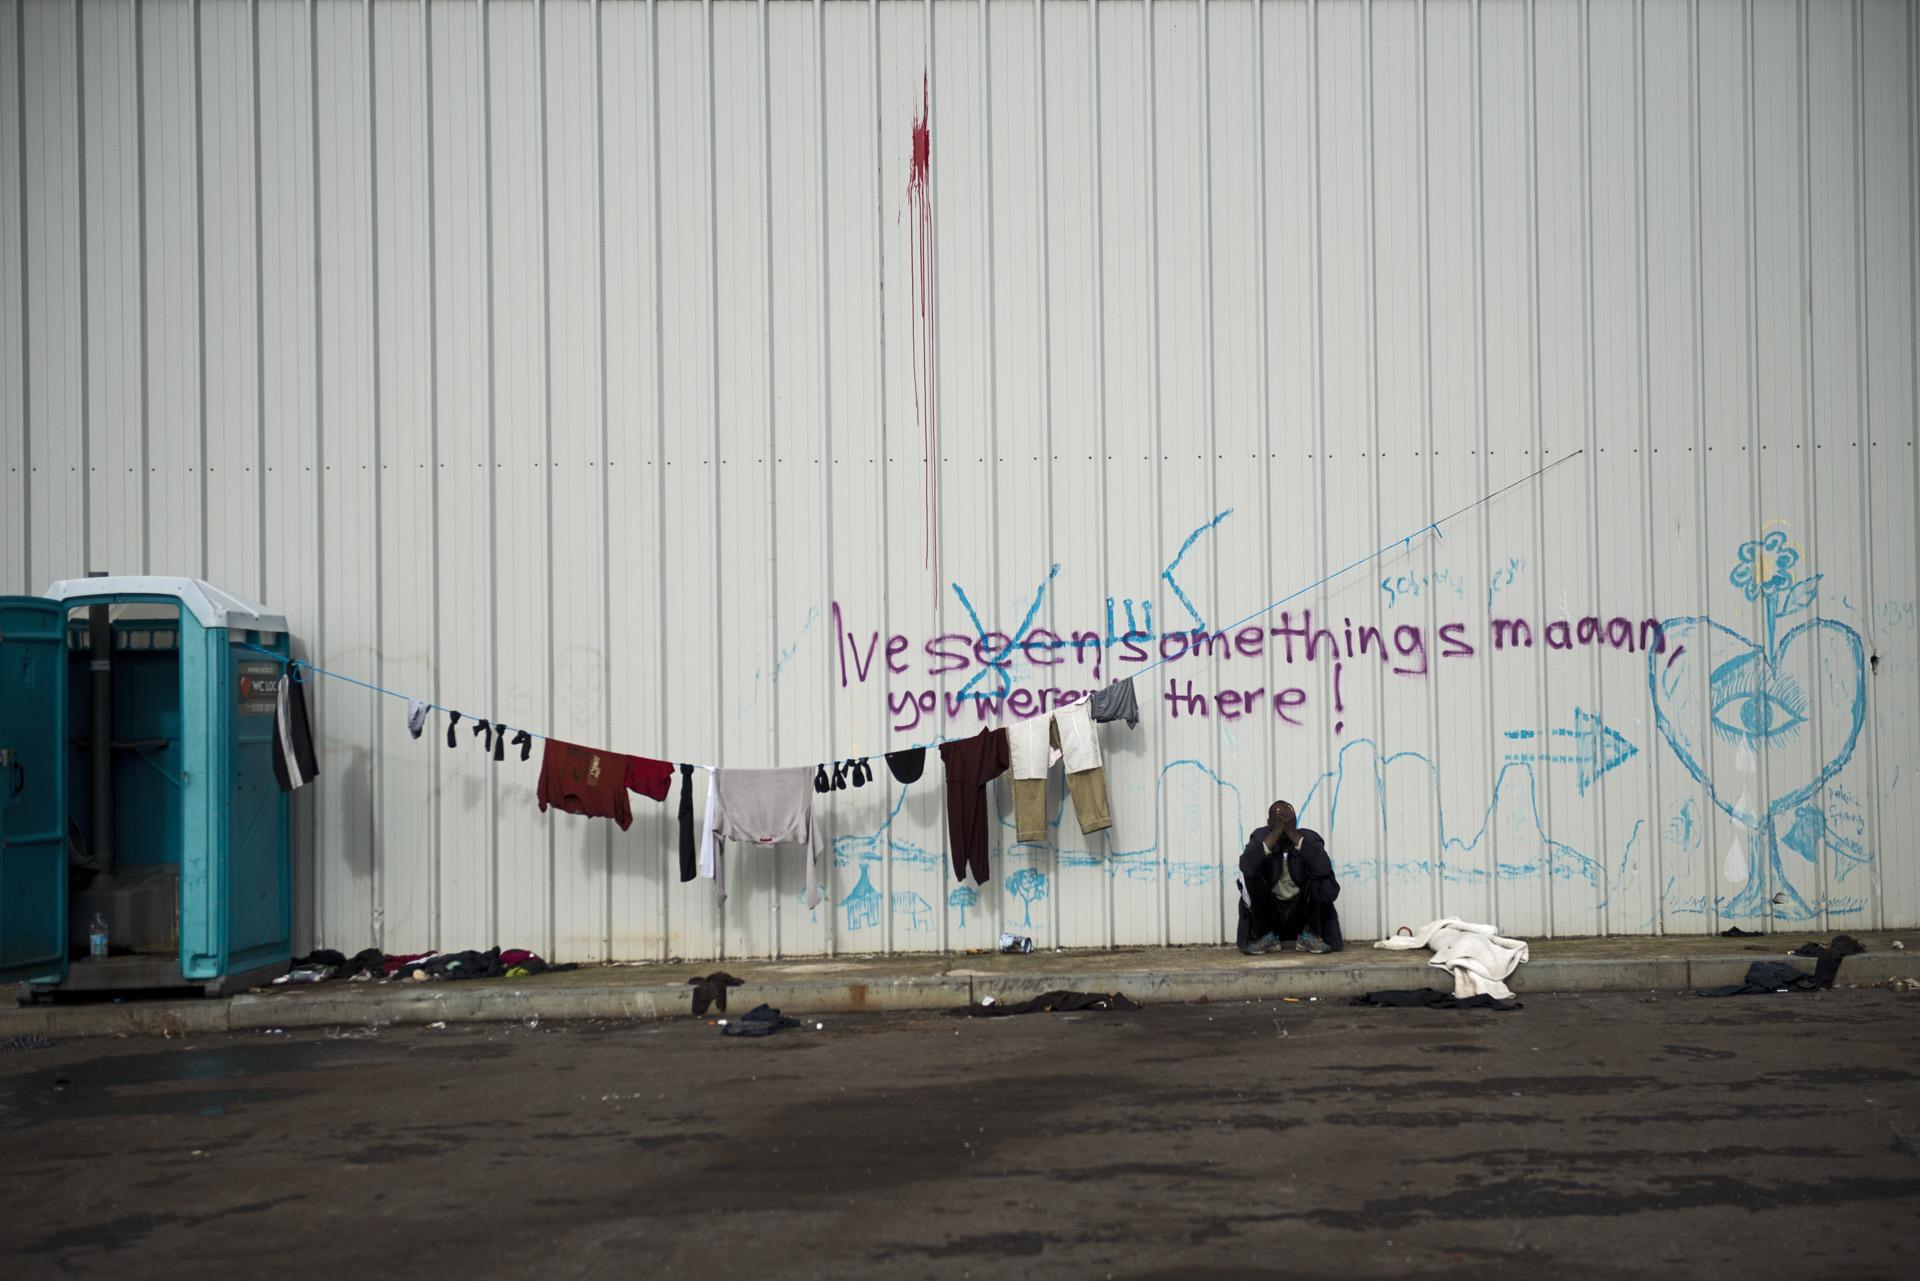 Les associations d'aide aux migrants ont installé des WC chimiques et créé des espaces douches dans le squat Galloo, mais ces installations sanitaires sont insuffisantes vu le nombre de personnes qui vivent aujourd'hui dans cette usine désaffectée.